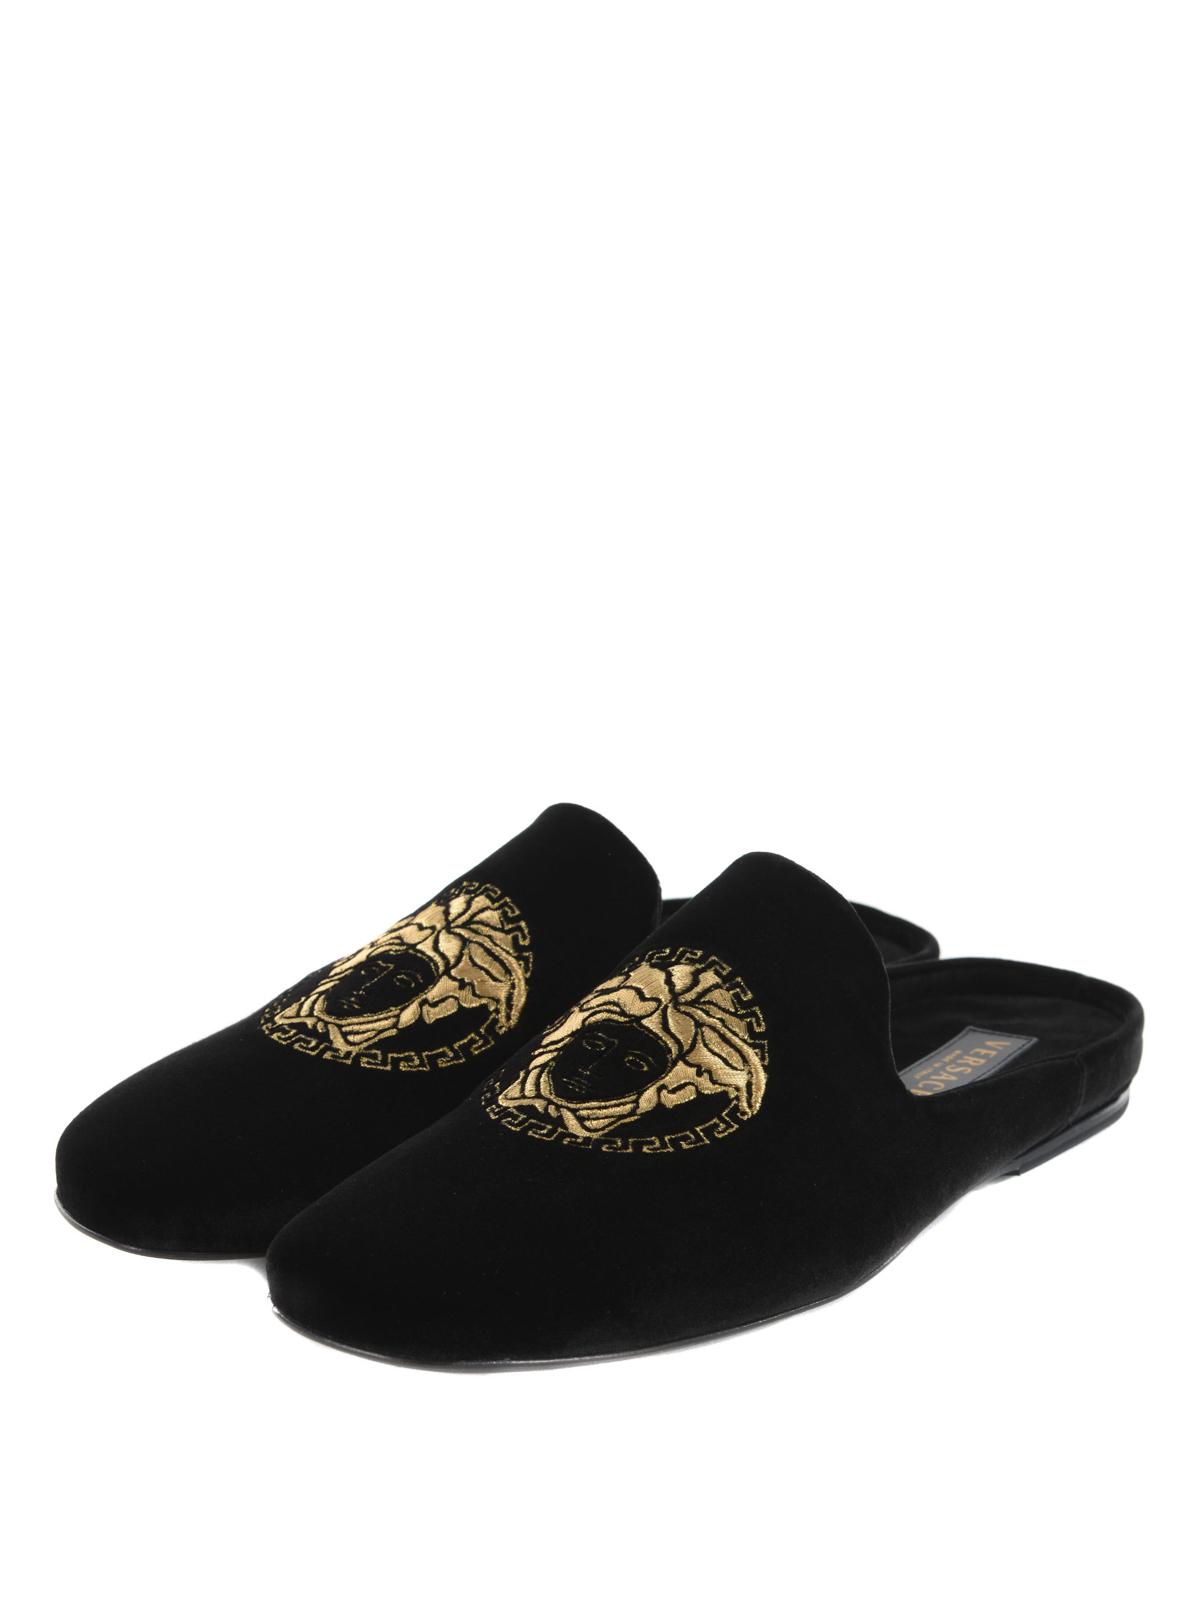 Versace - Medusa Head velvet slippers